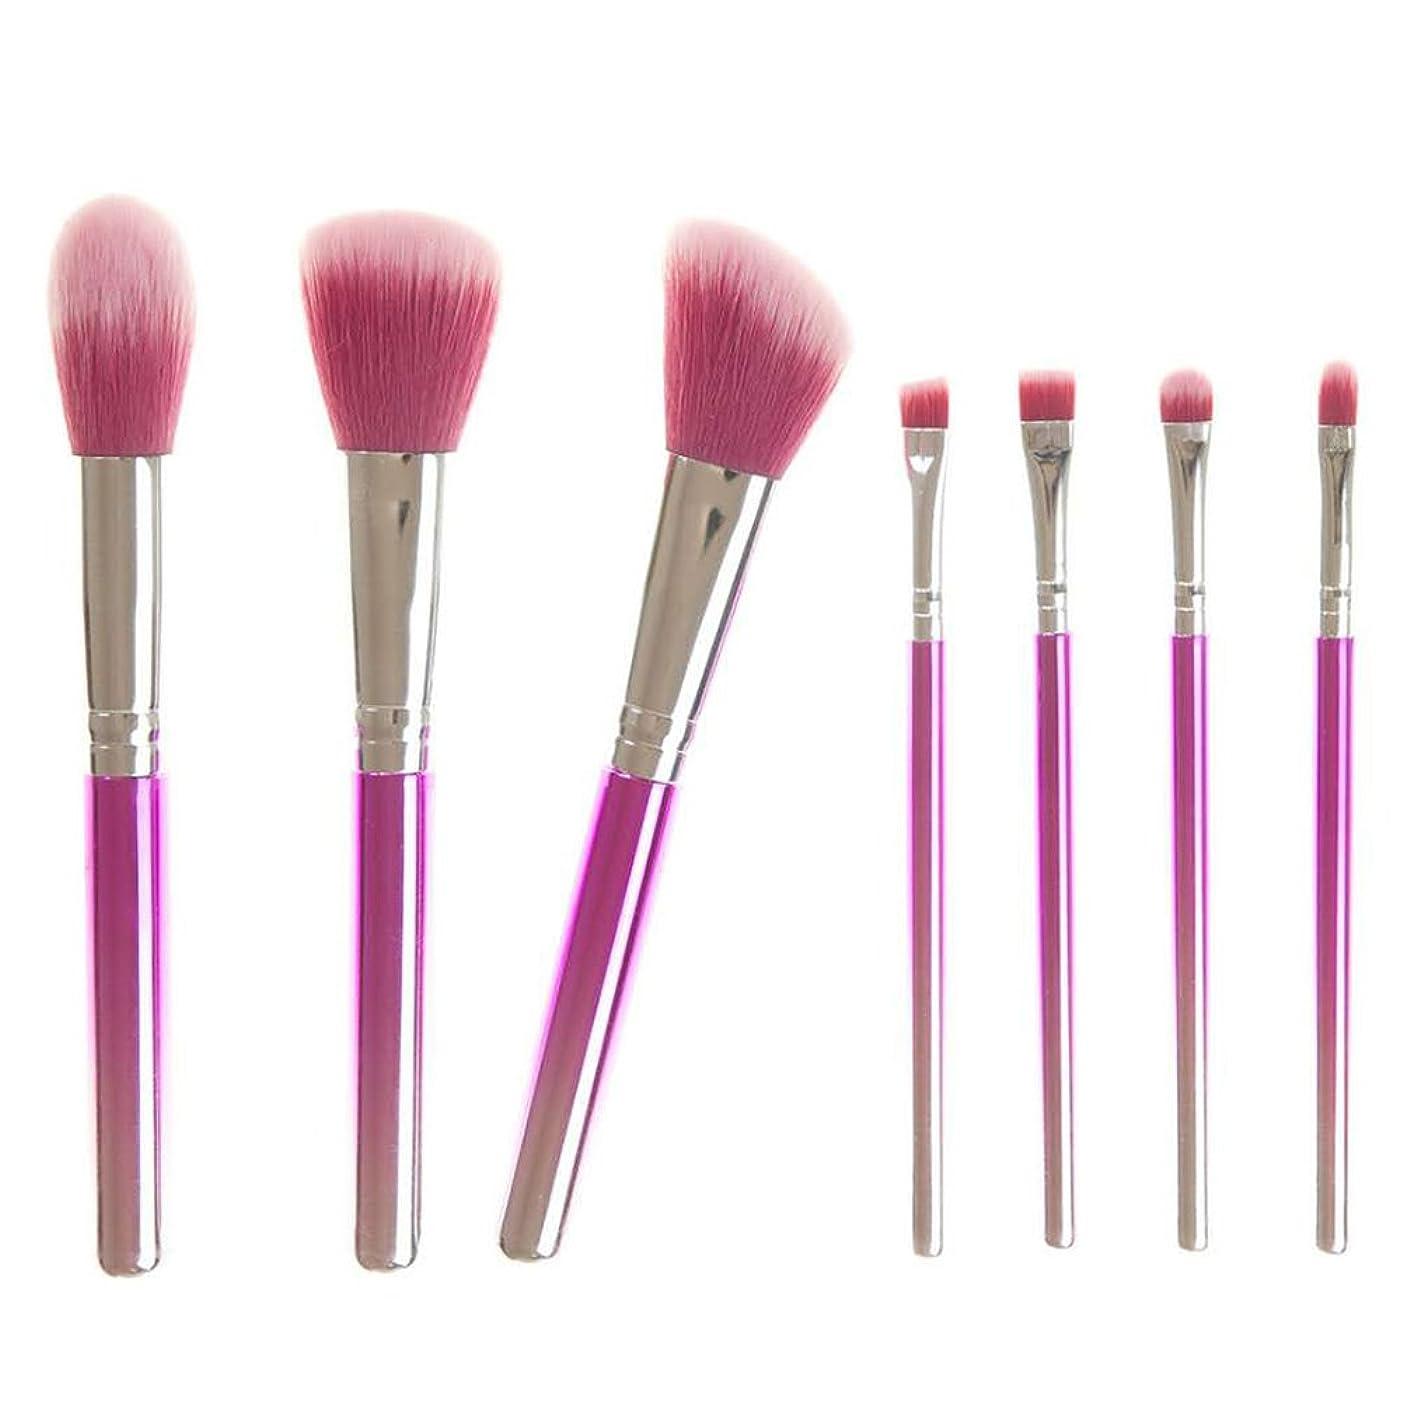 飢えた不測の事態くつろぎメイクブラシ、7個/セットグラデーションメイクブラシブレンディングパウダーアイシャドーコンターコンシーラー美容コスメティックチークブラシポータブルツールキット2色 (Color : Pink)